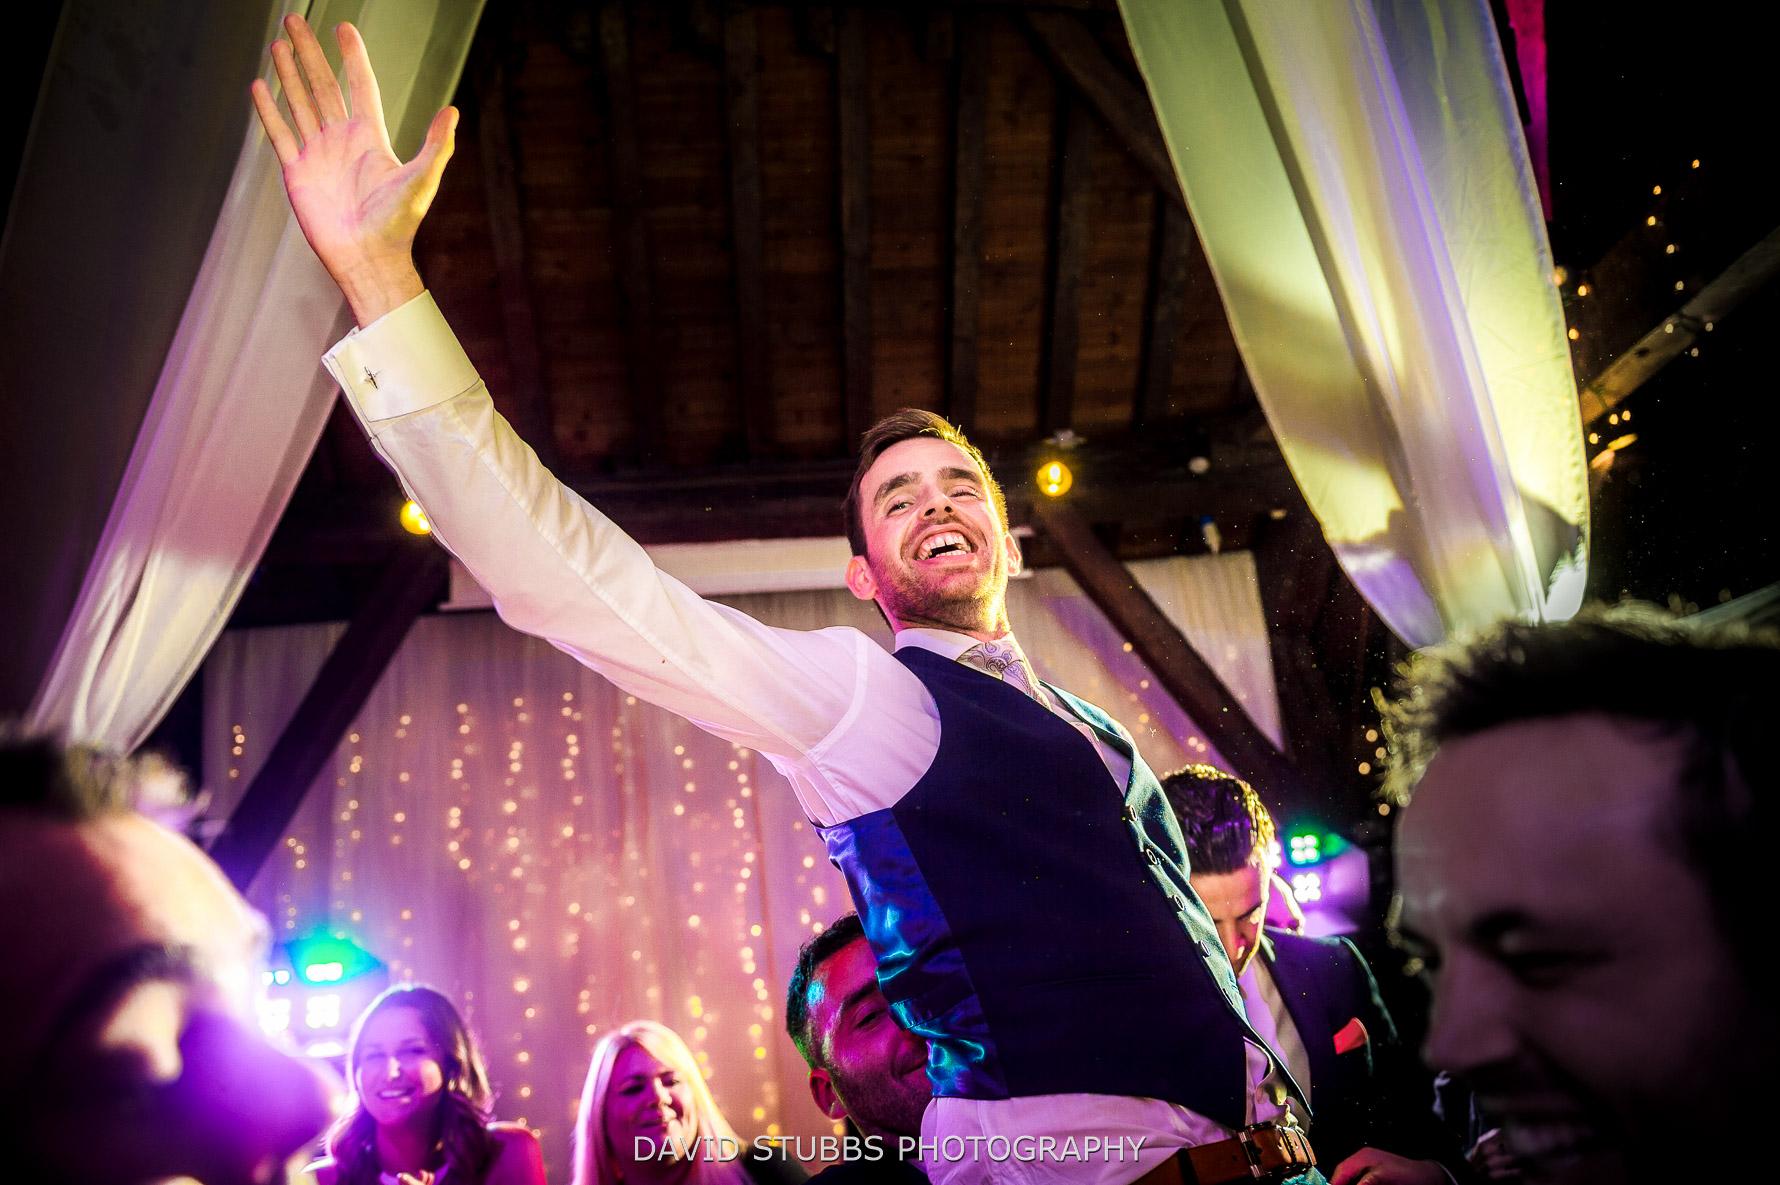 groom in the air